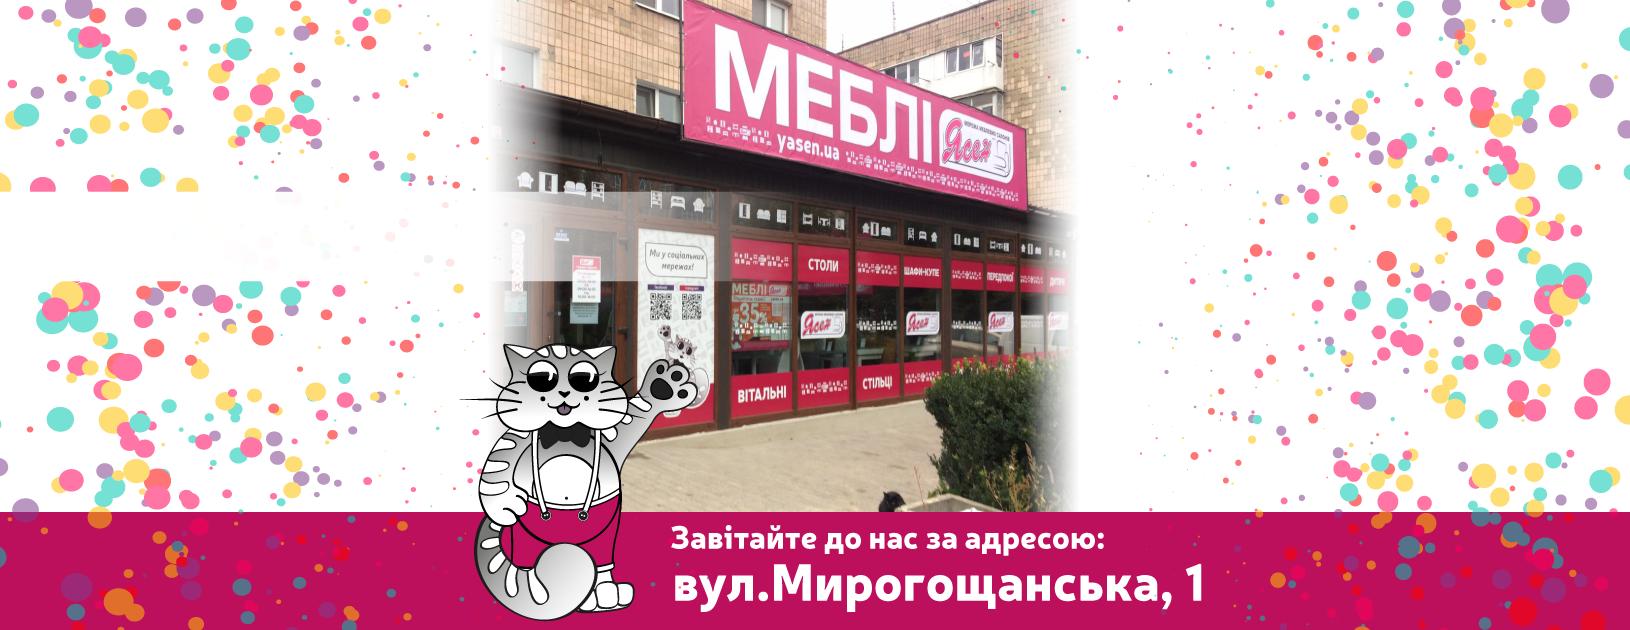 """Відкриття меблевого салону """"Ясен"""" у місті Дубно!!!"""